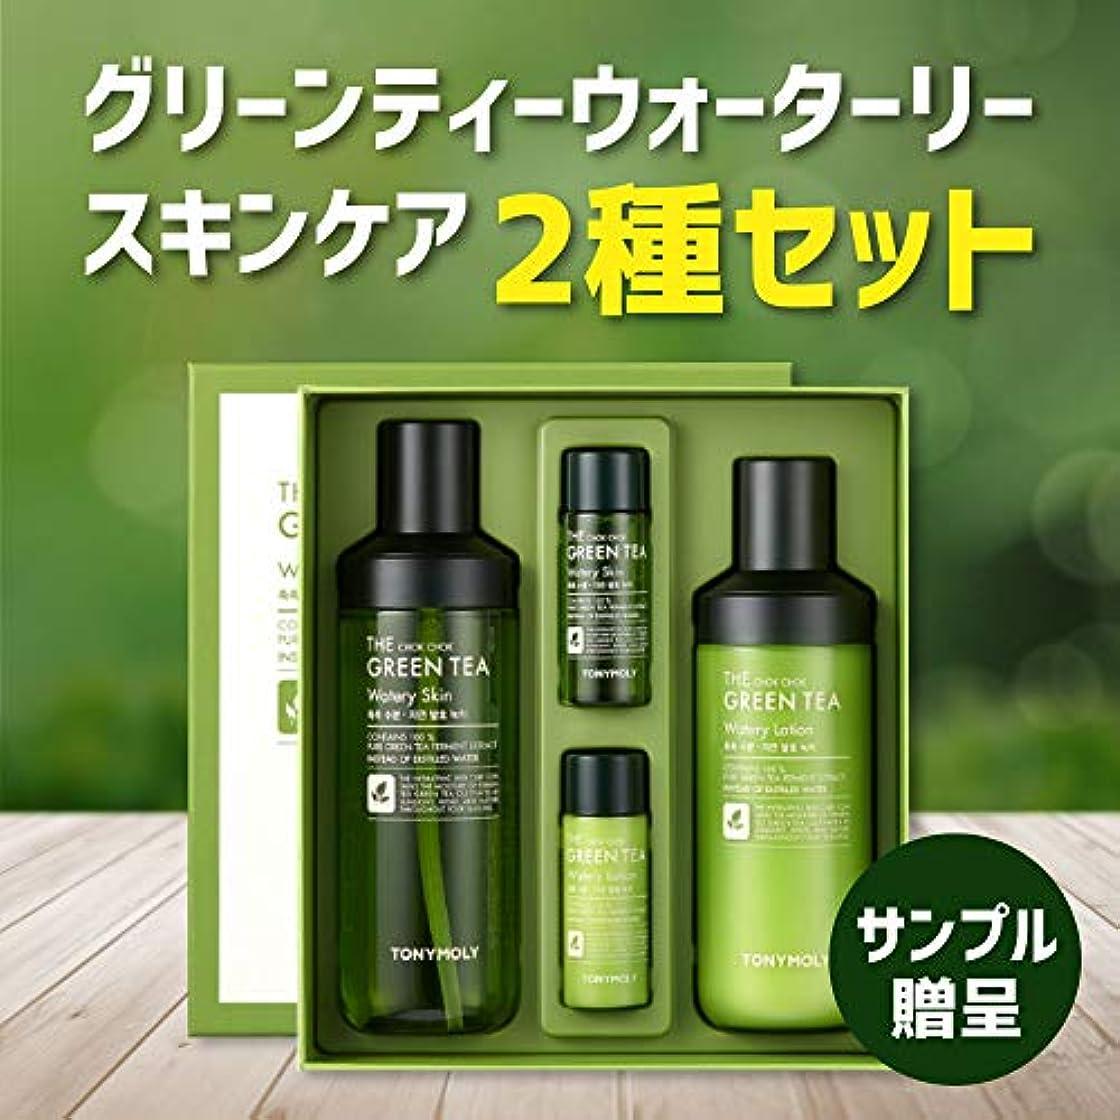 ローストプロトタイプ使役TONYMOLY しっとり グリーン ティー 水分 化粧水 乳液 セット 抹茶 The Chok Chok Green Tea Watery Skin